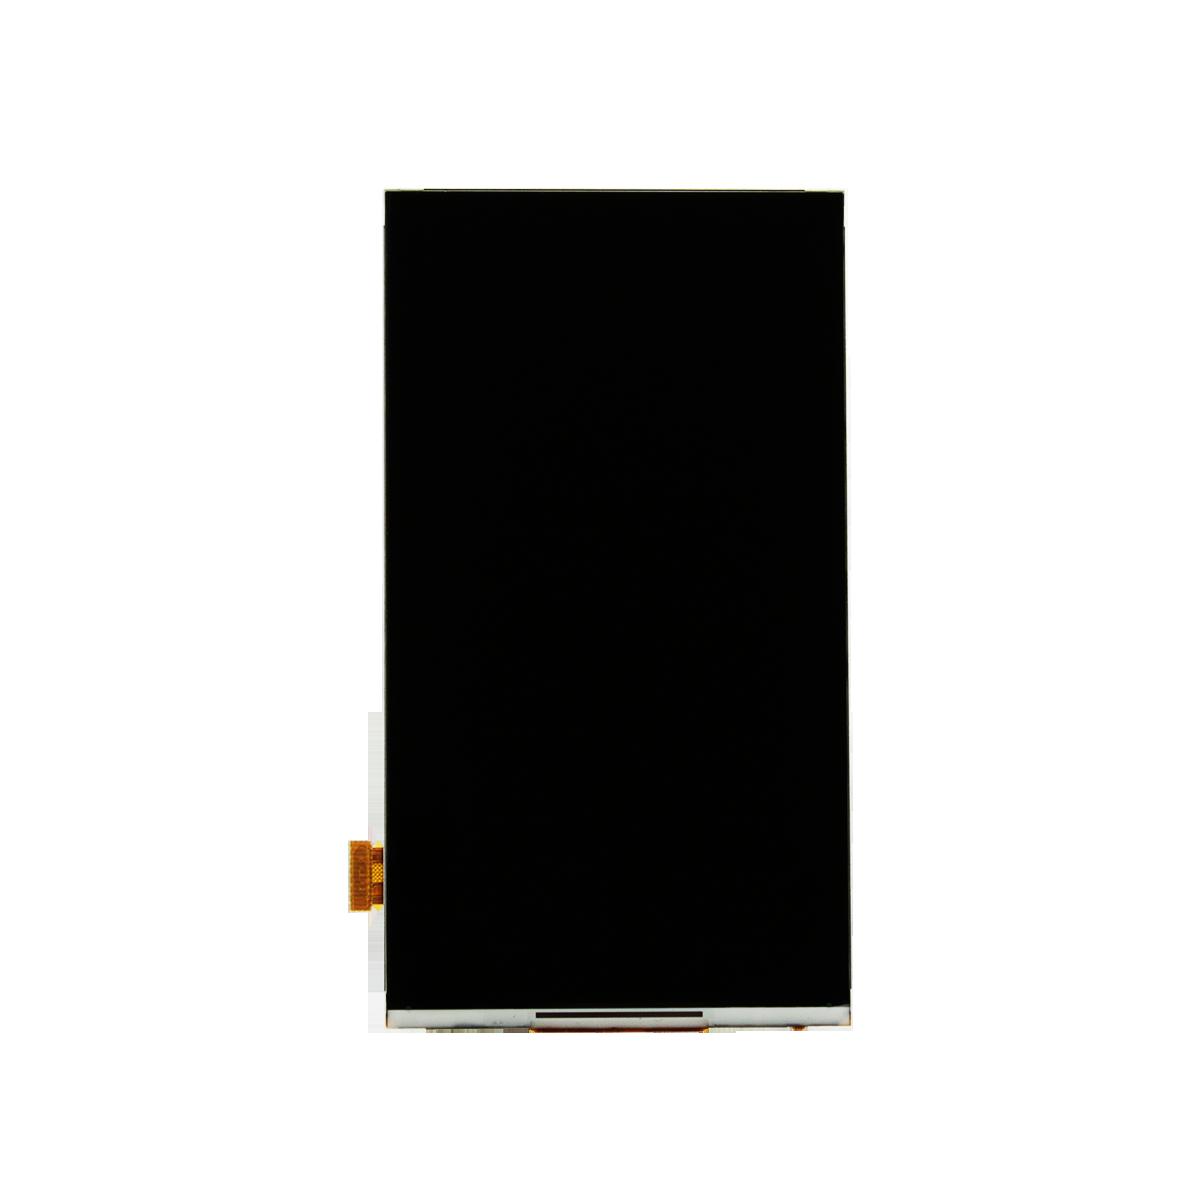 เปลี่ยนจอ Samsung Mega 2 G750 หน้าจอแตก ทัสกรีนกดได้